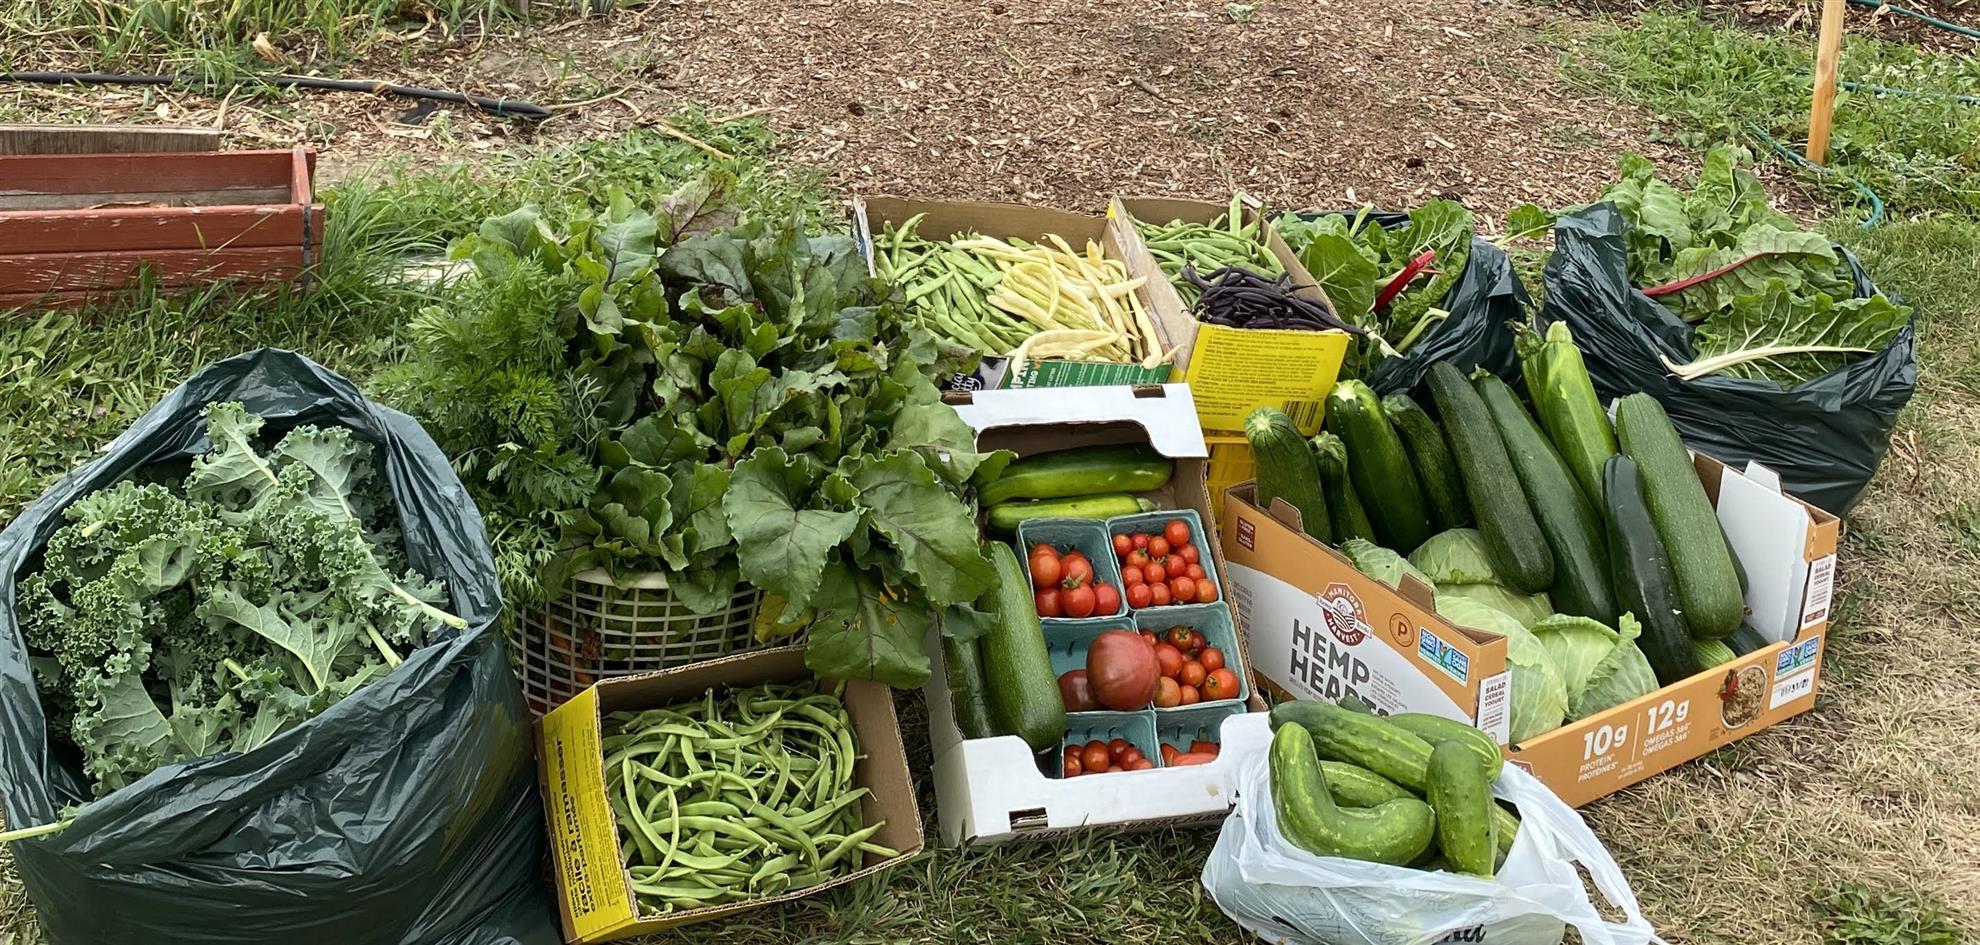 Community-Garden-harvest.jpg